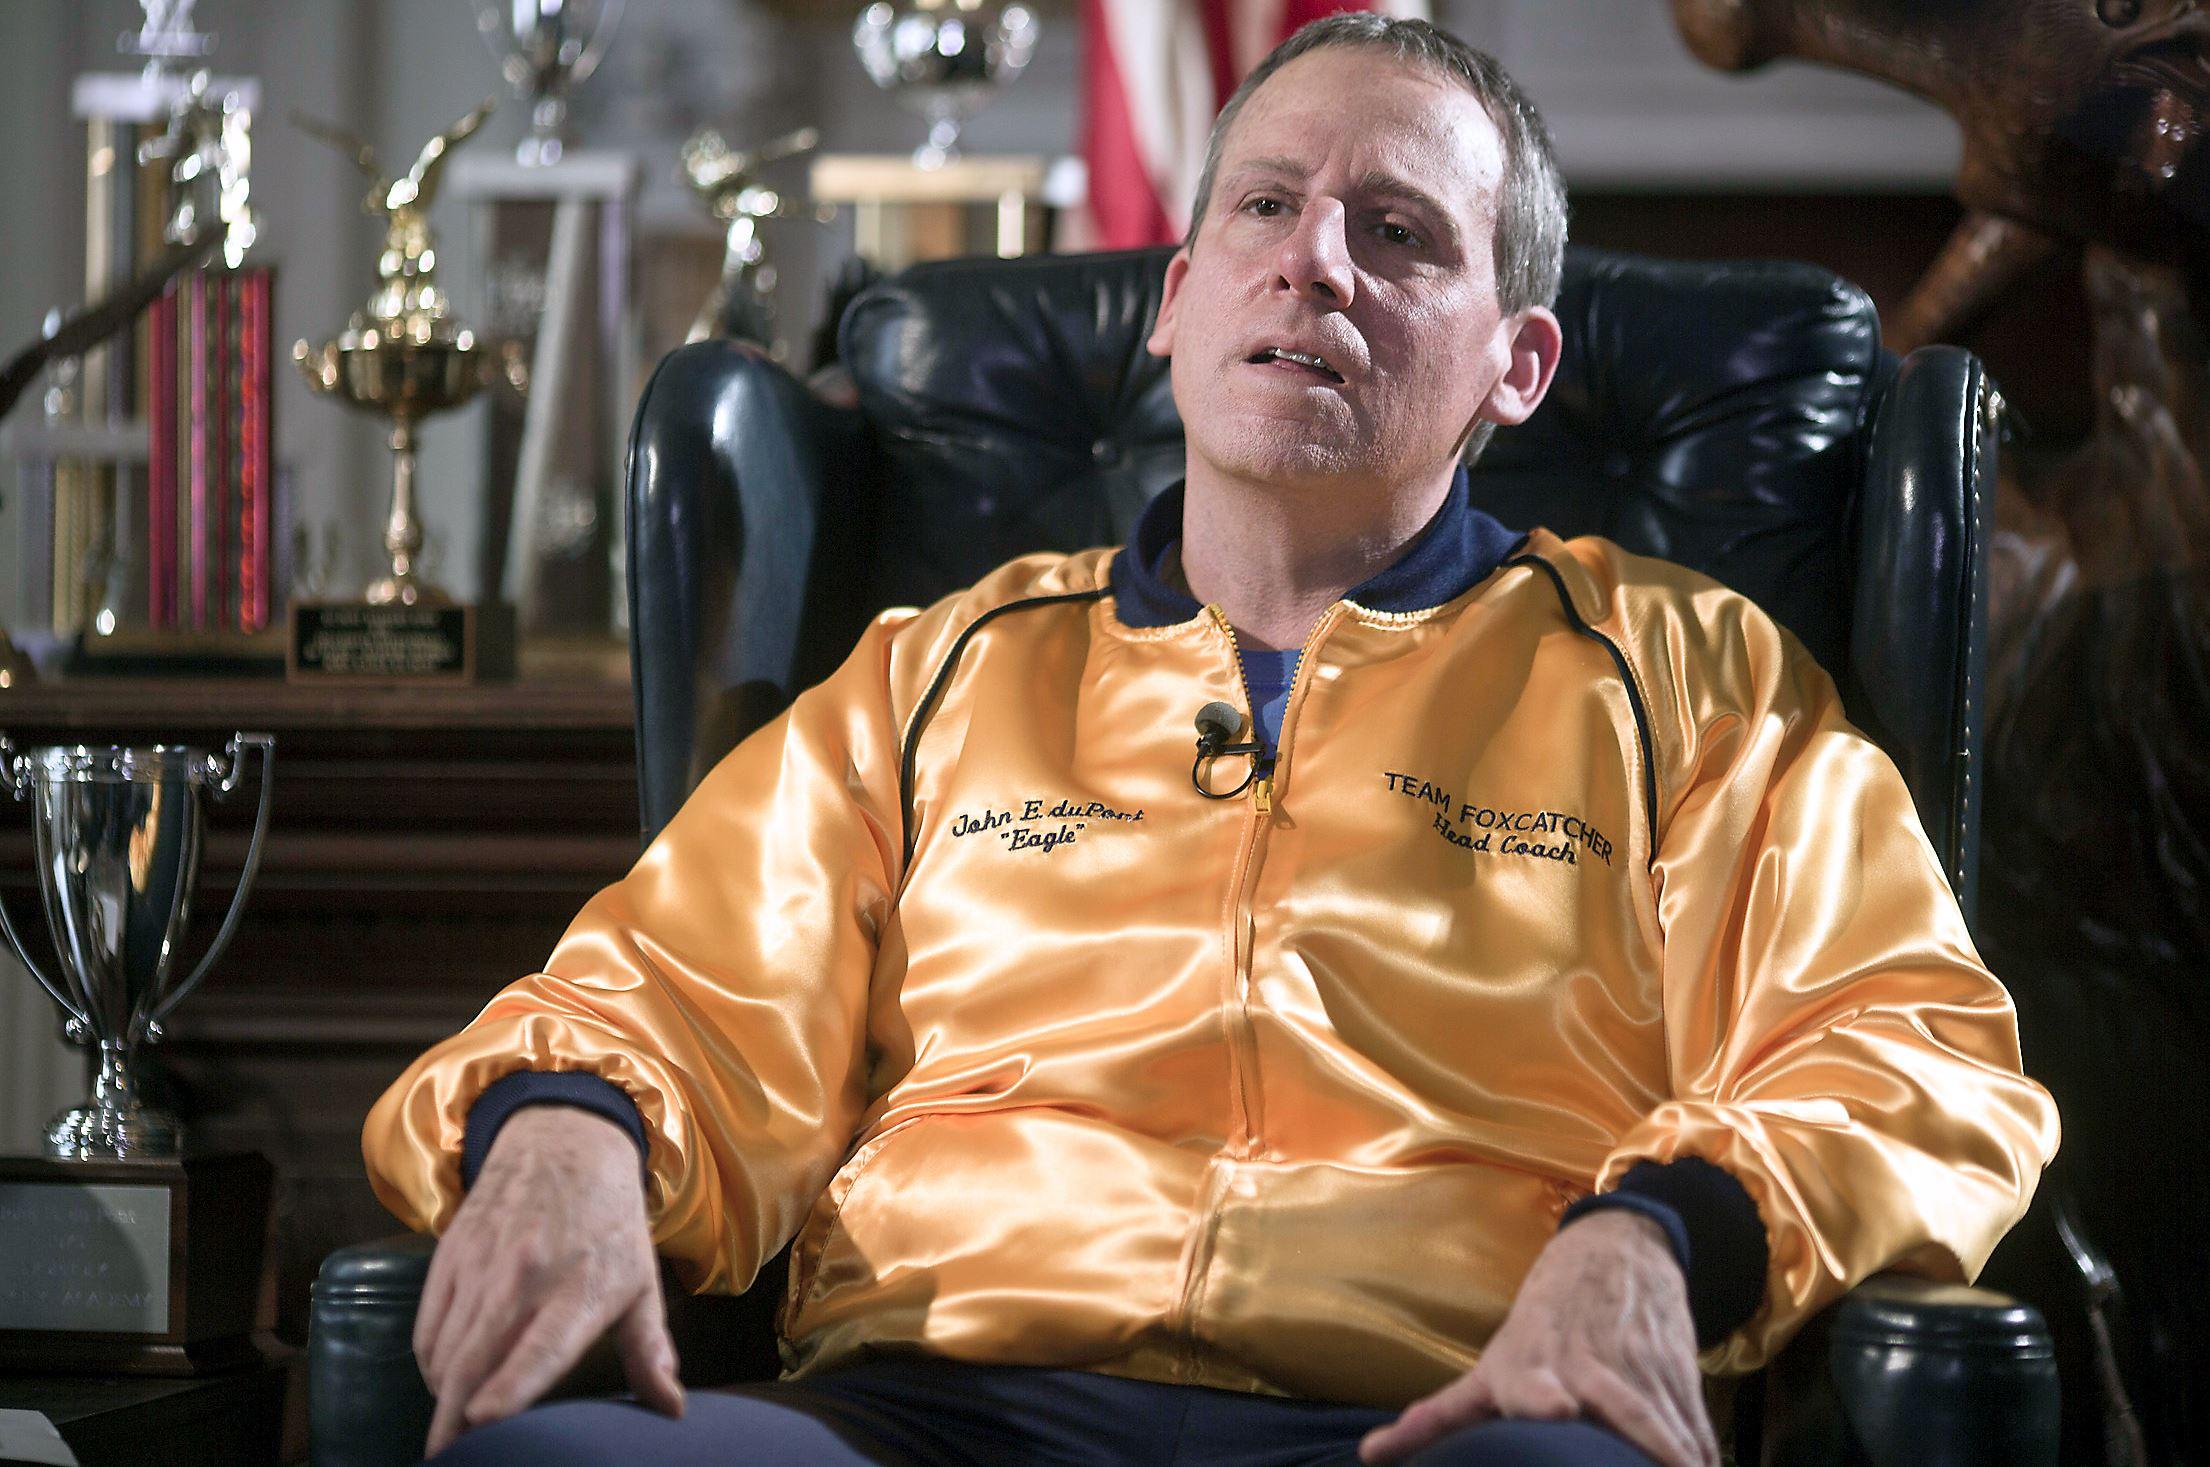 Steve Carrell plays delusiona billionaire John du Pont in Bennett Miller's Foxcatcher (2014).